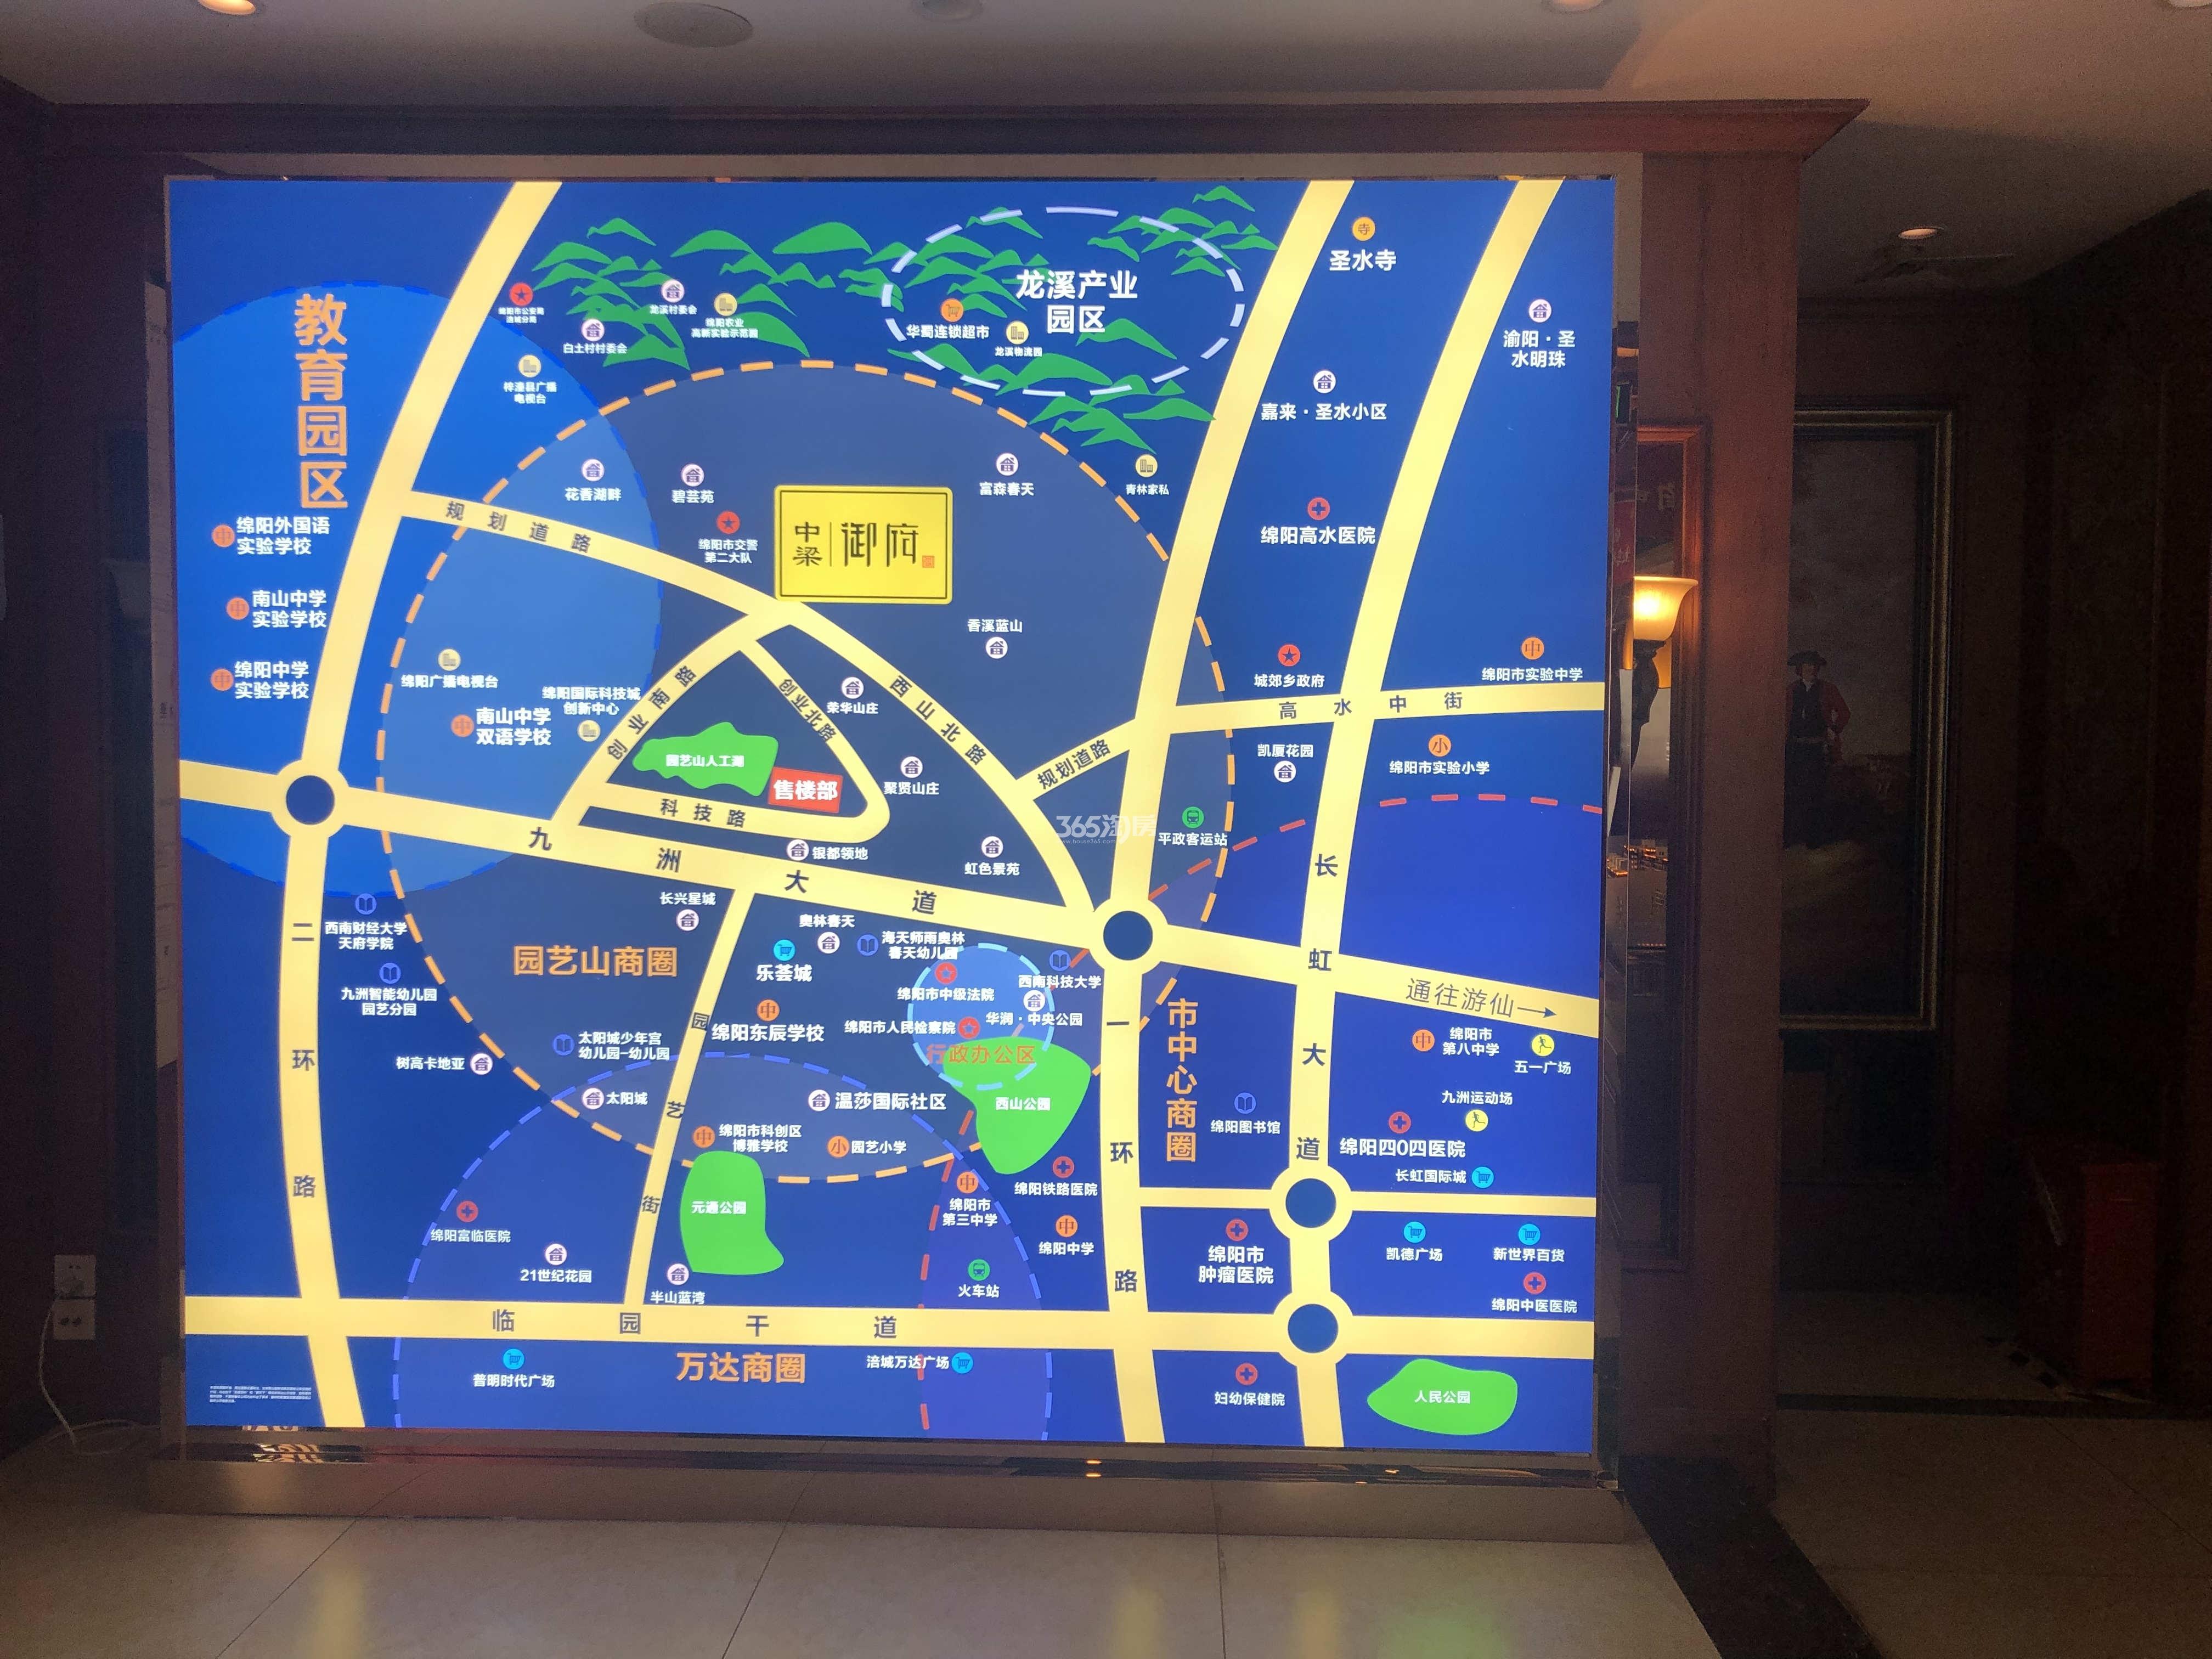 中梁·御府交通图